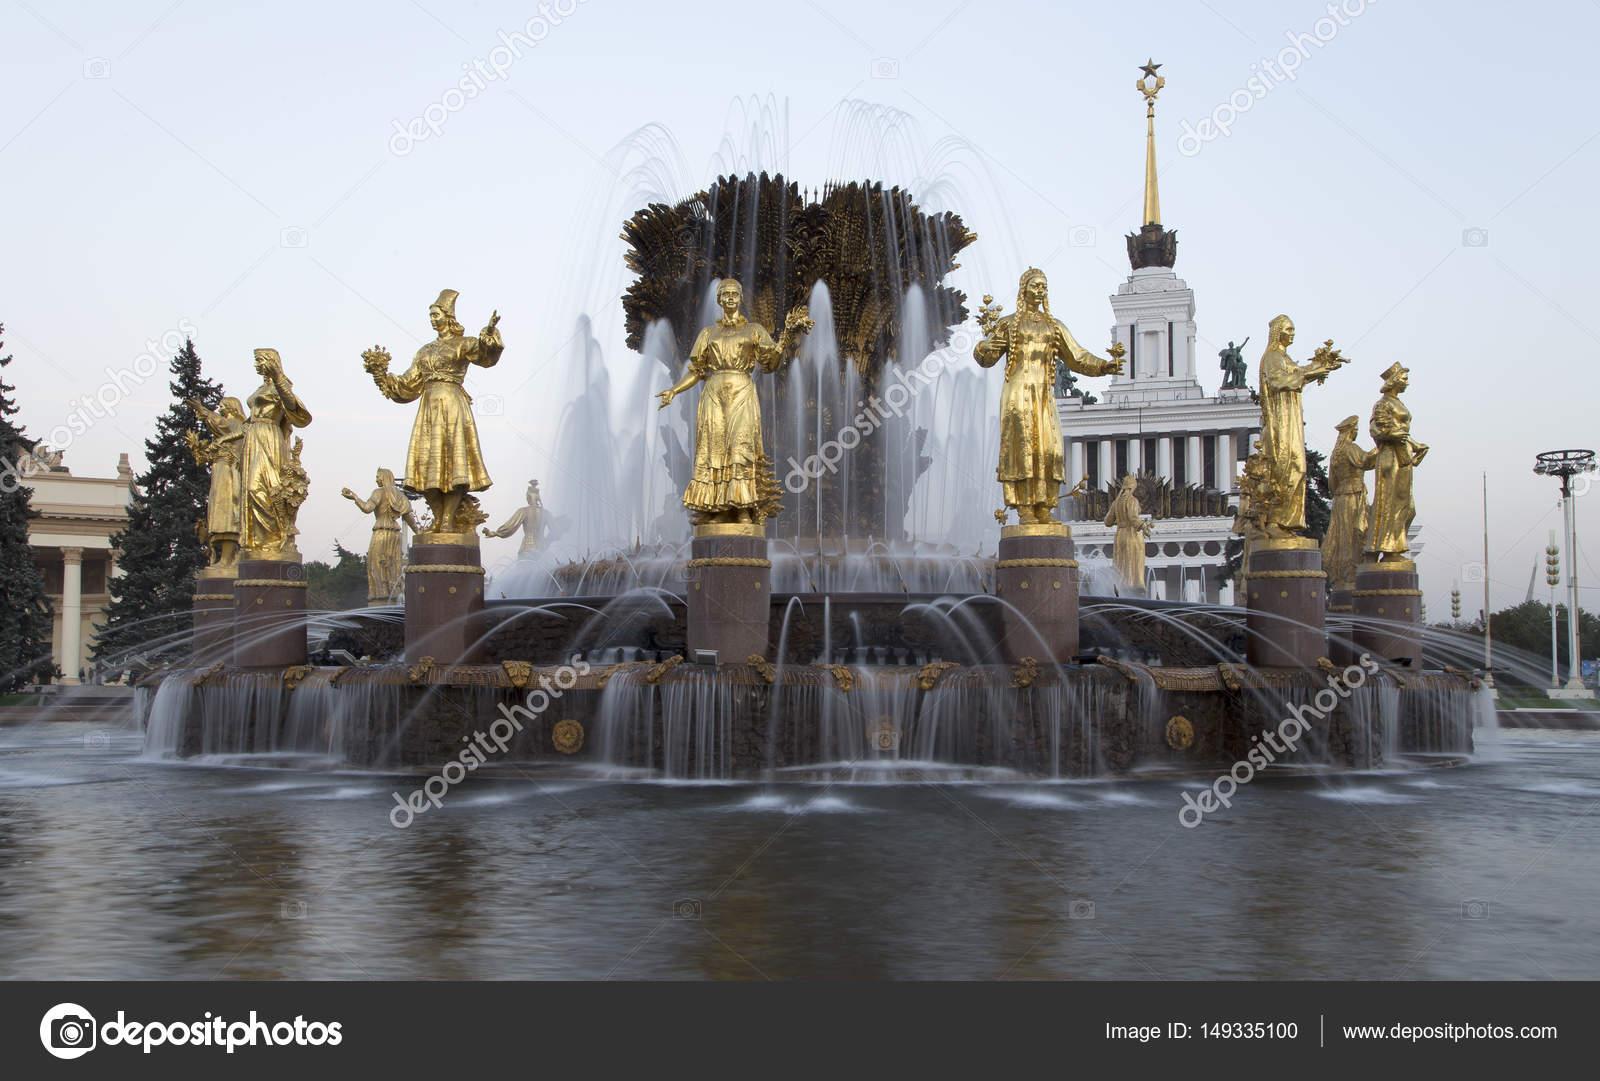 скачать проект фонтана